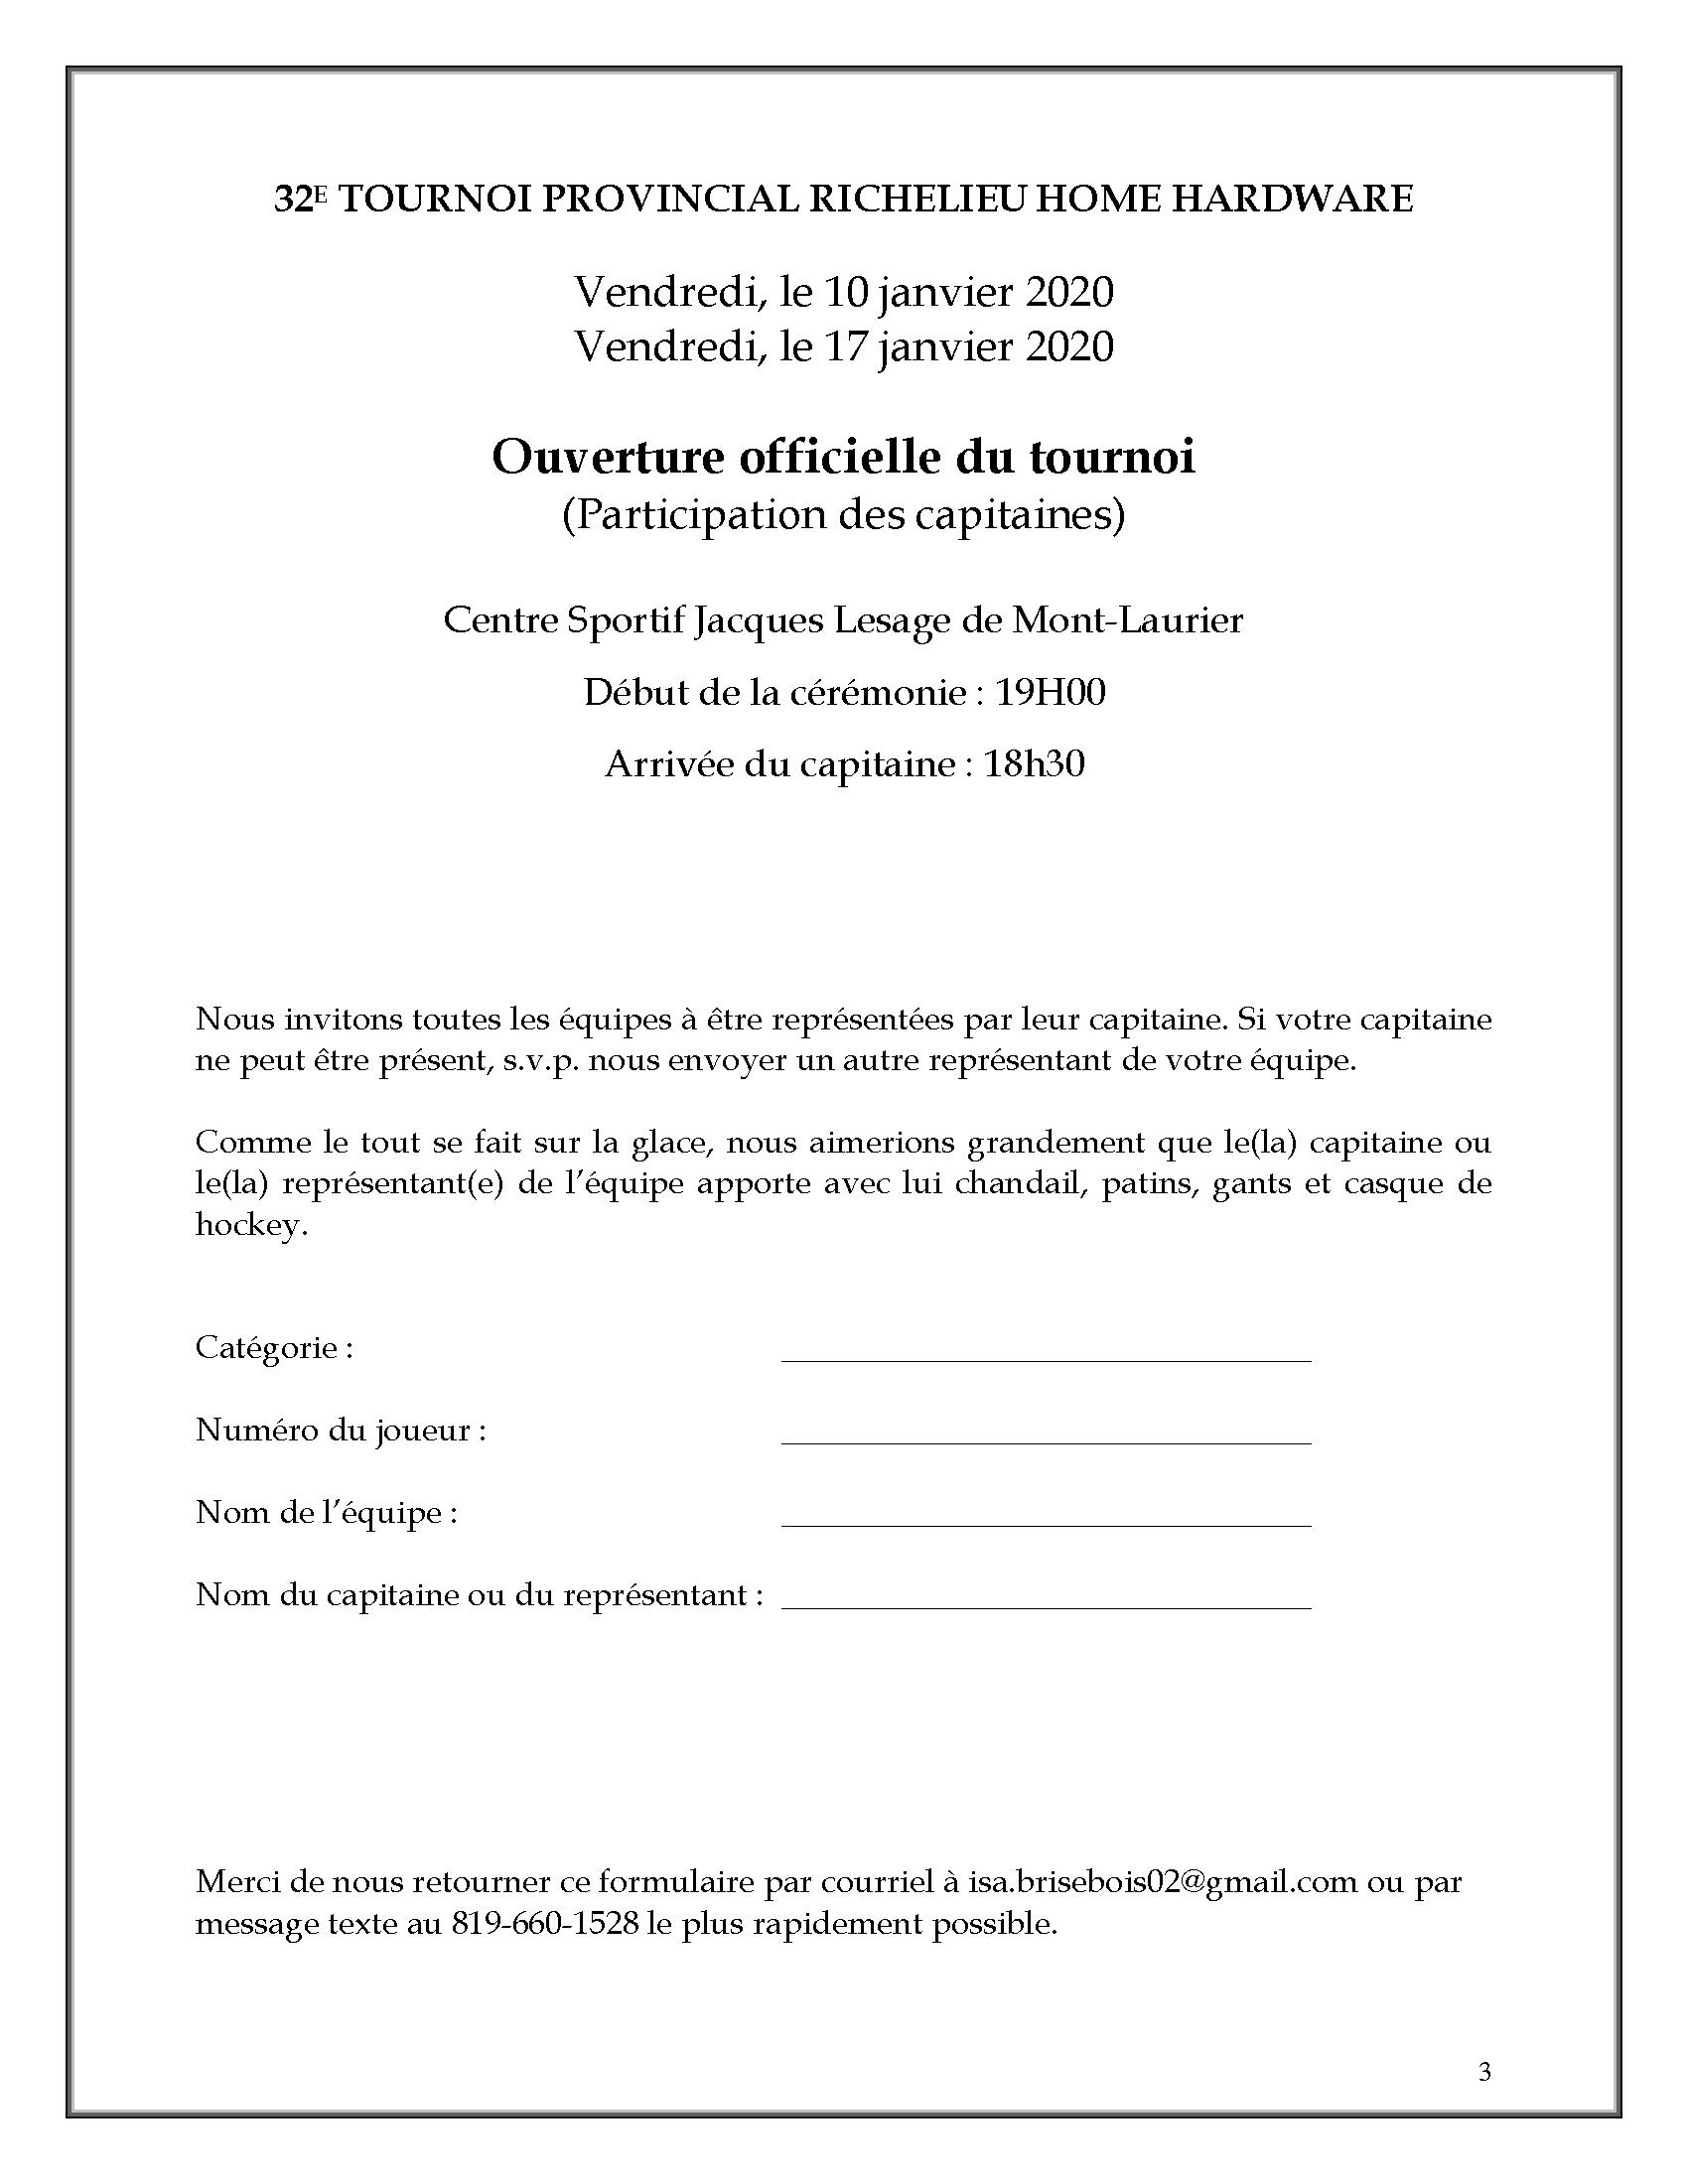 Lettre_et_informations_Richelieu_2020_Page_3.png